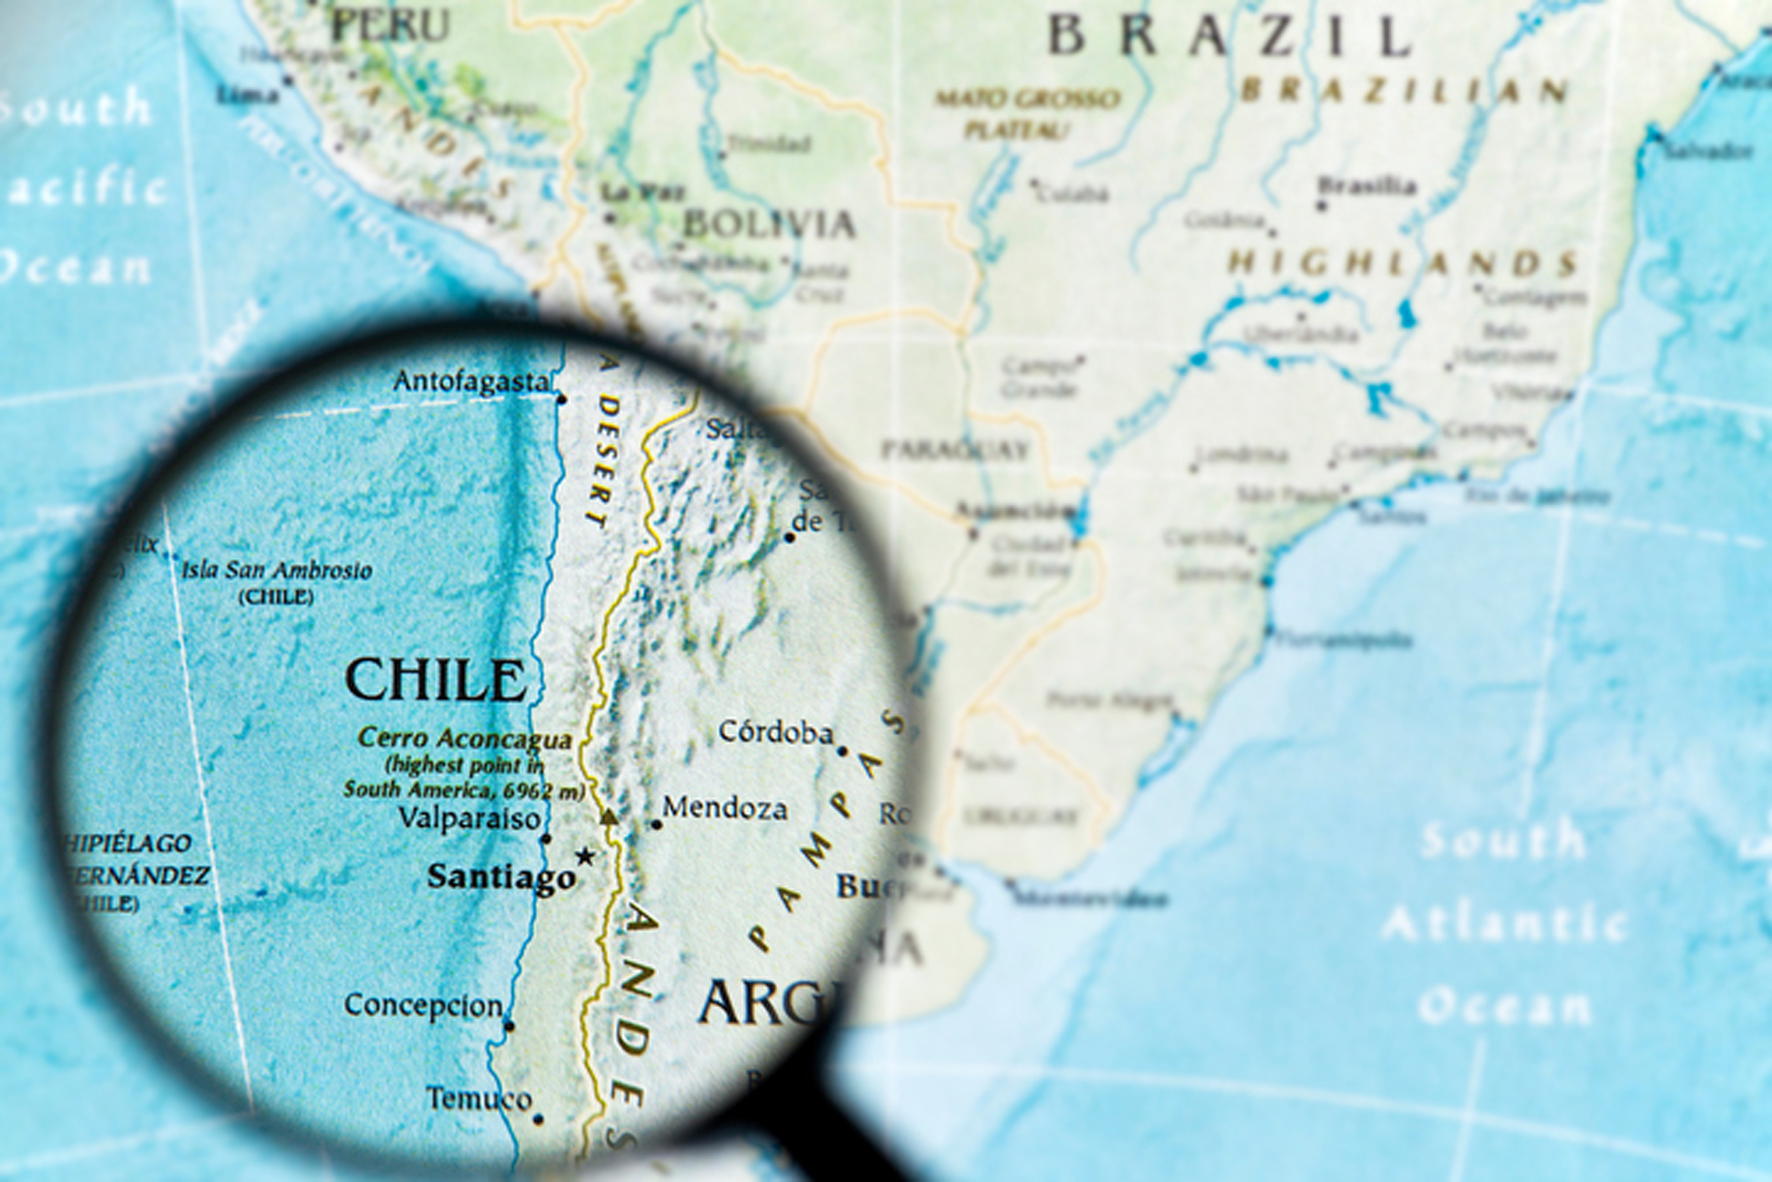 meteocontrol und Ingetrace erhalten Zuschlag für staatliches Solardachprogramm in Chile